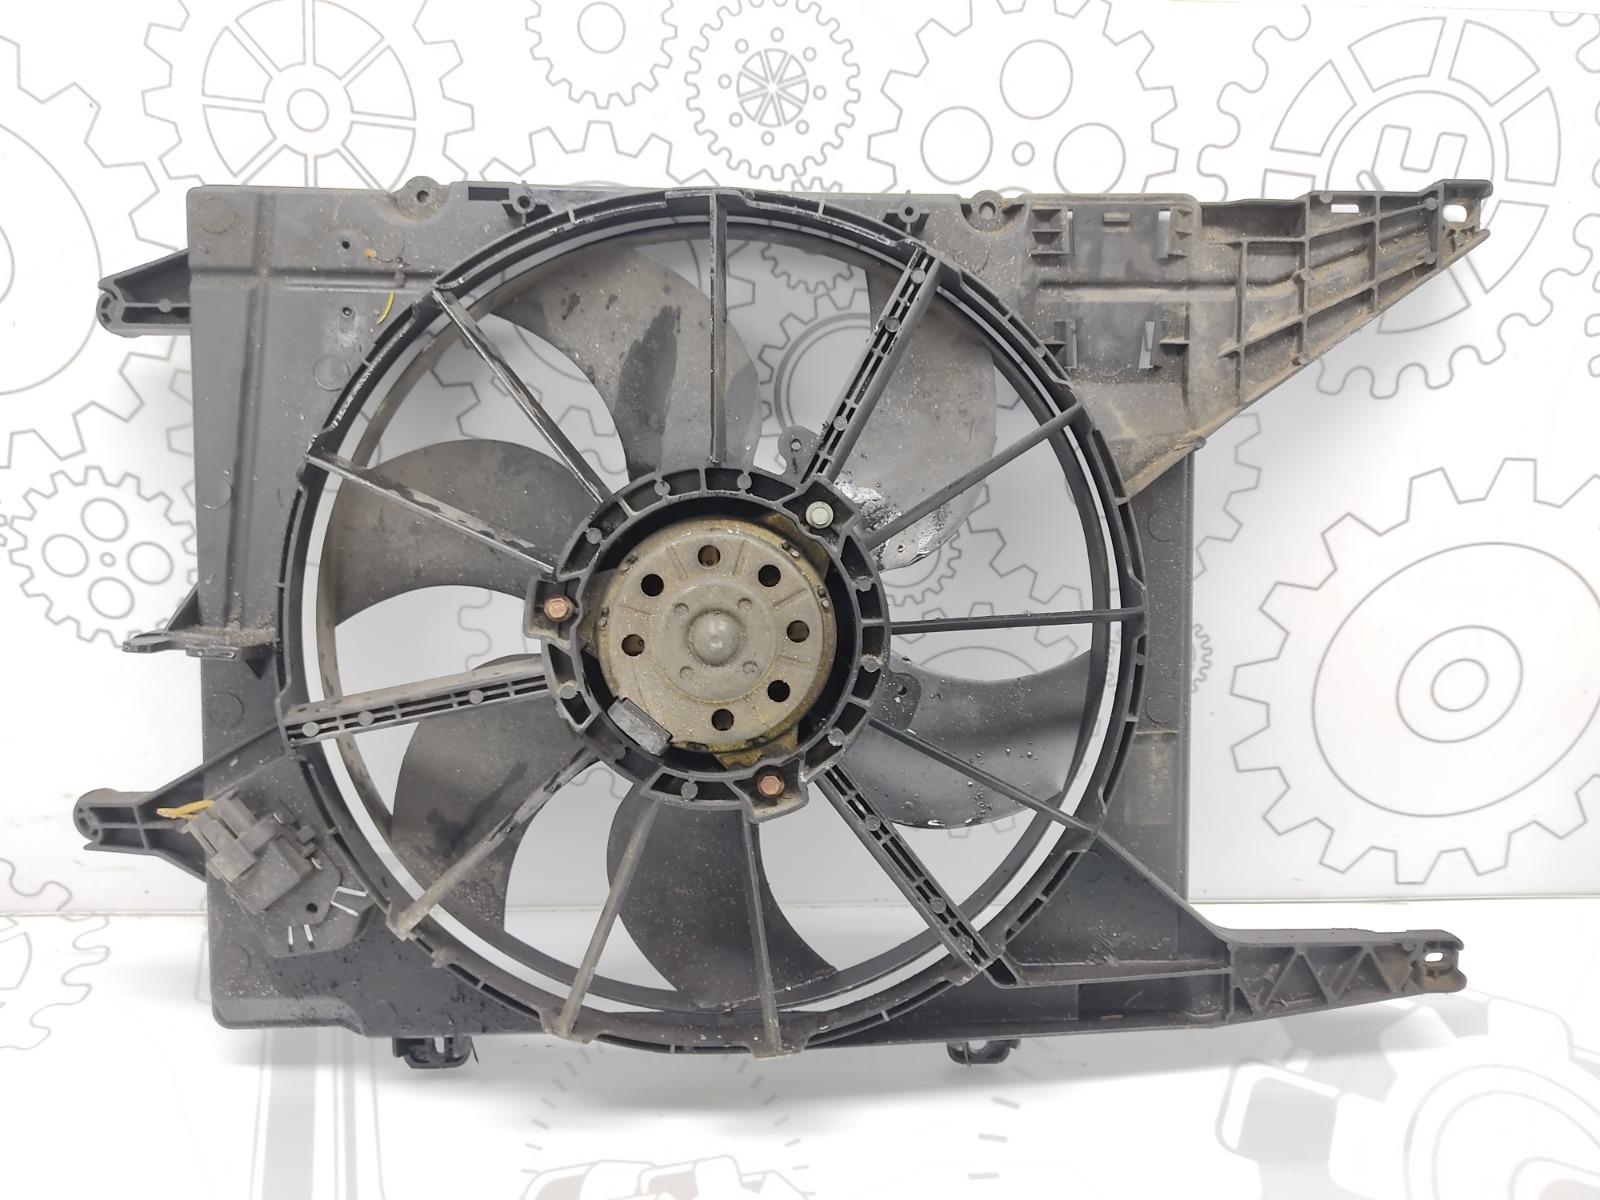 Вентилятор радиатора Renault Scenic 1.6 I 2002 (б/у)